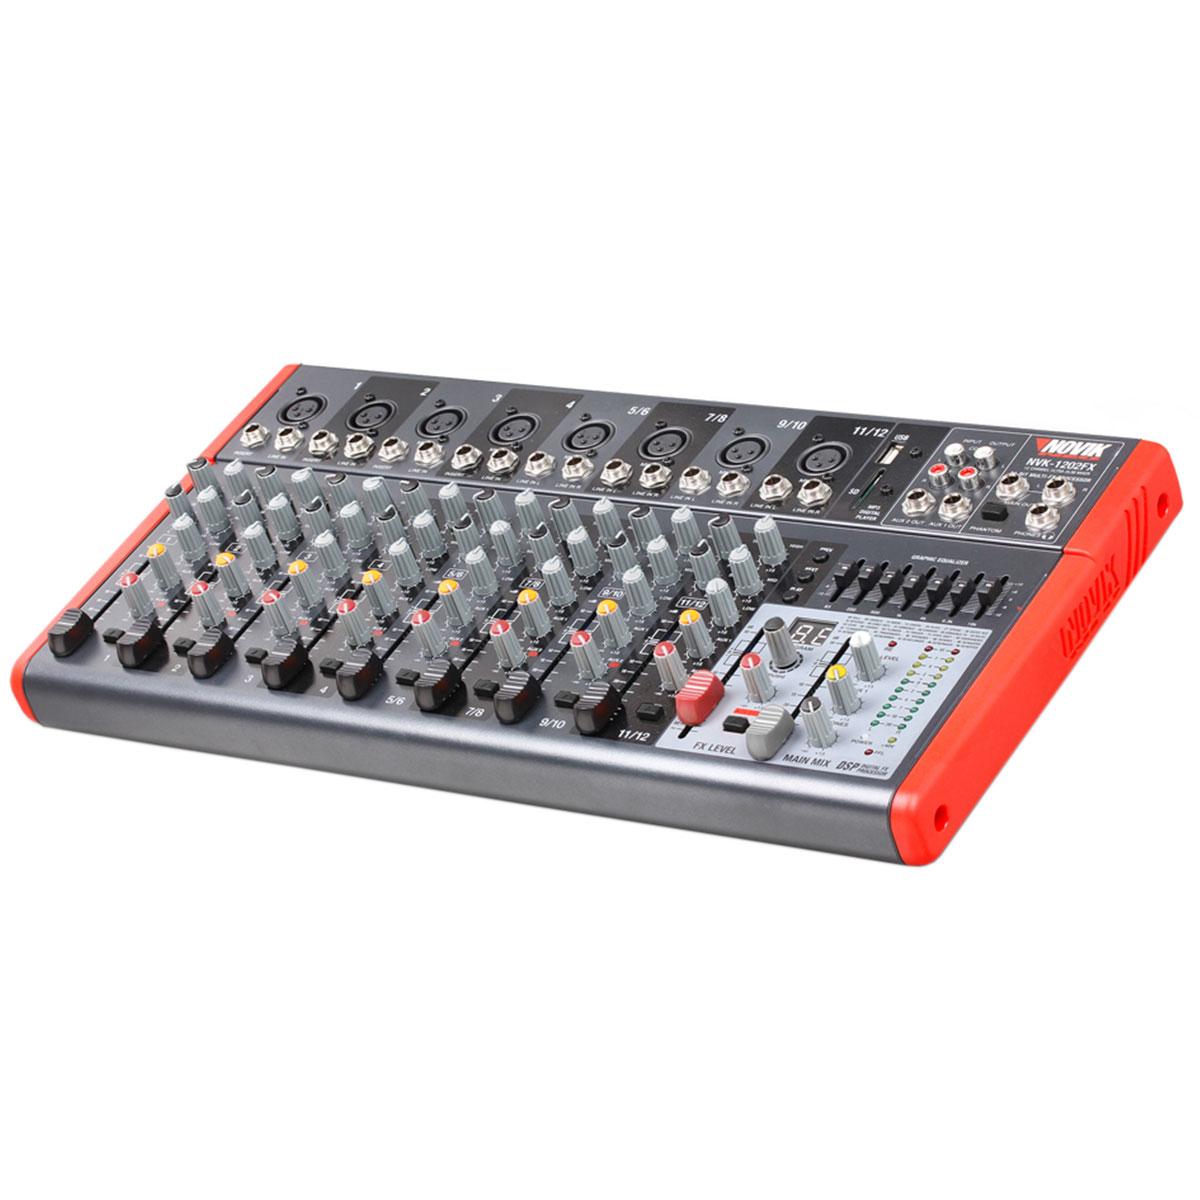 NVK1202FX - Mesa de Som / Mixer 12 Canais USB 110V NVK 1202 FX - Novik Neo